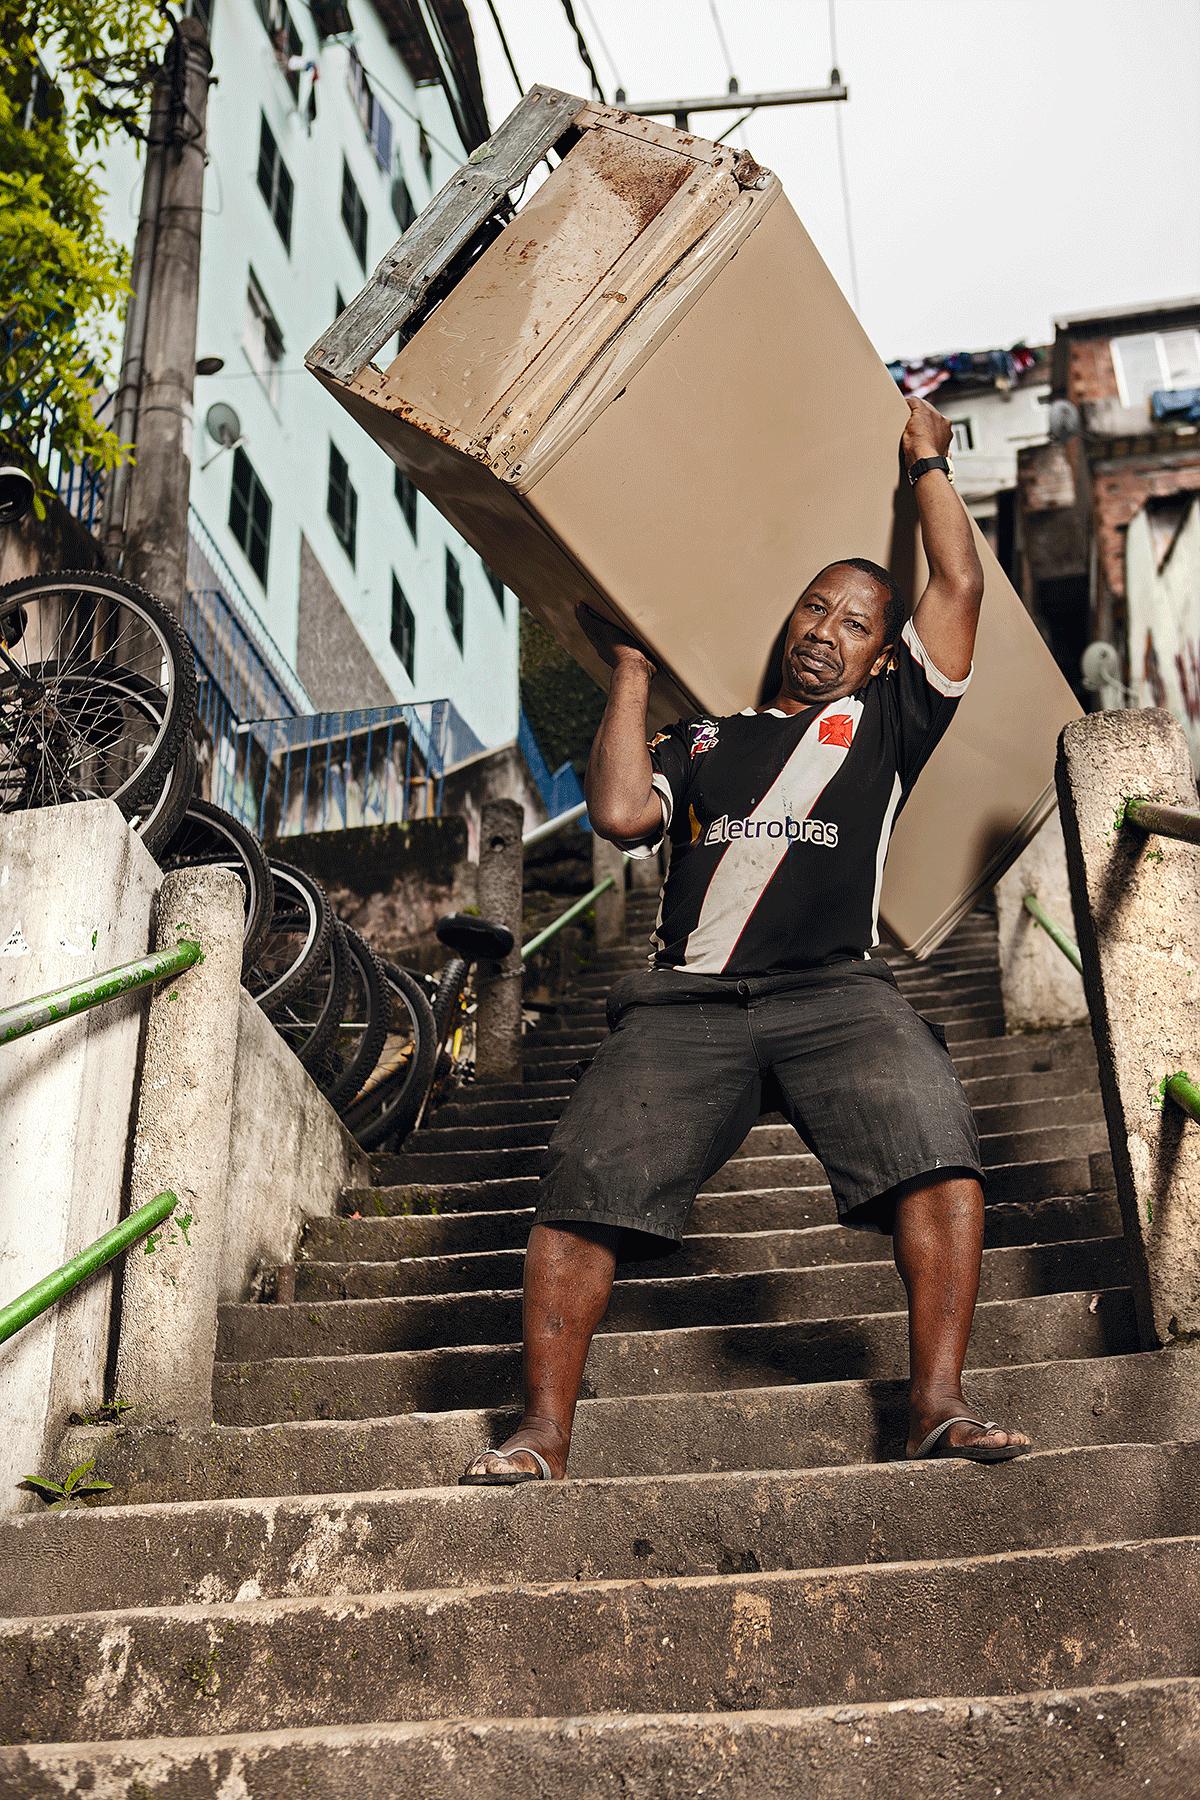 """""""Prefiro me machucar do que machucar as coisas de alguém"""", dizia Roque Luiz Ferreira. Ele carregava móveis e eletrodomésticos para o alto da favela sem ajuda de ninguém"""